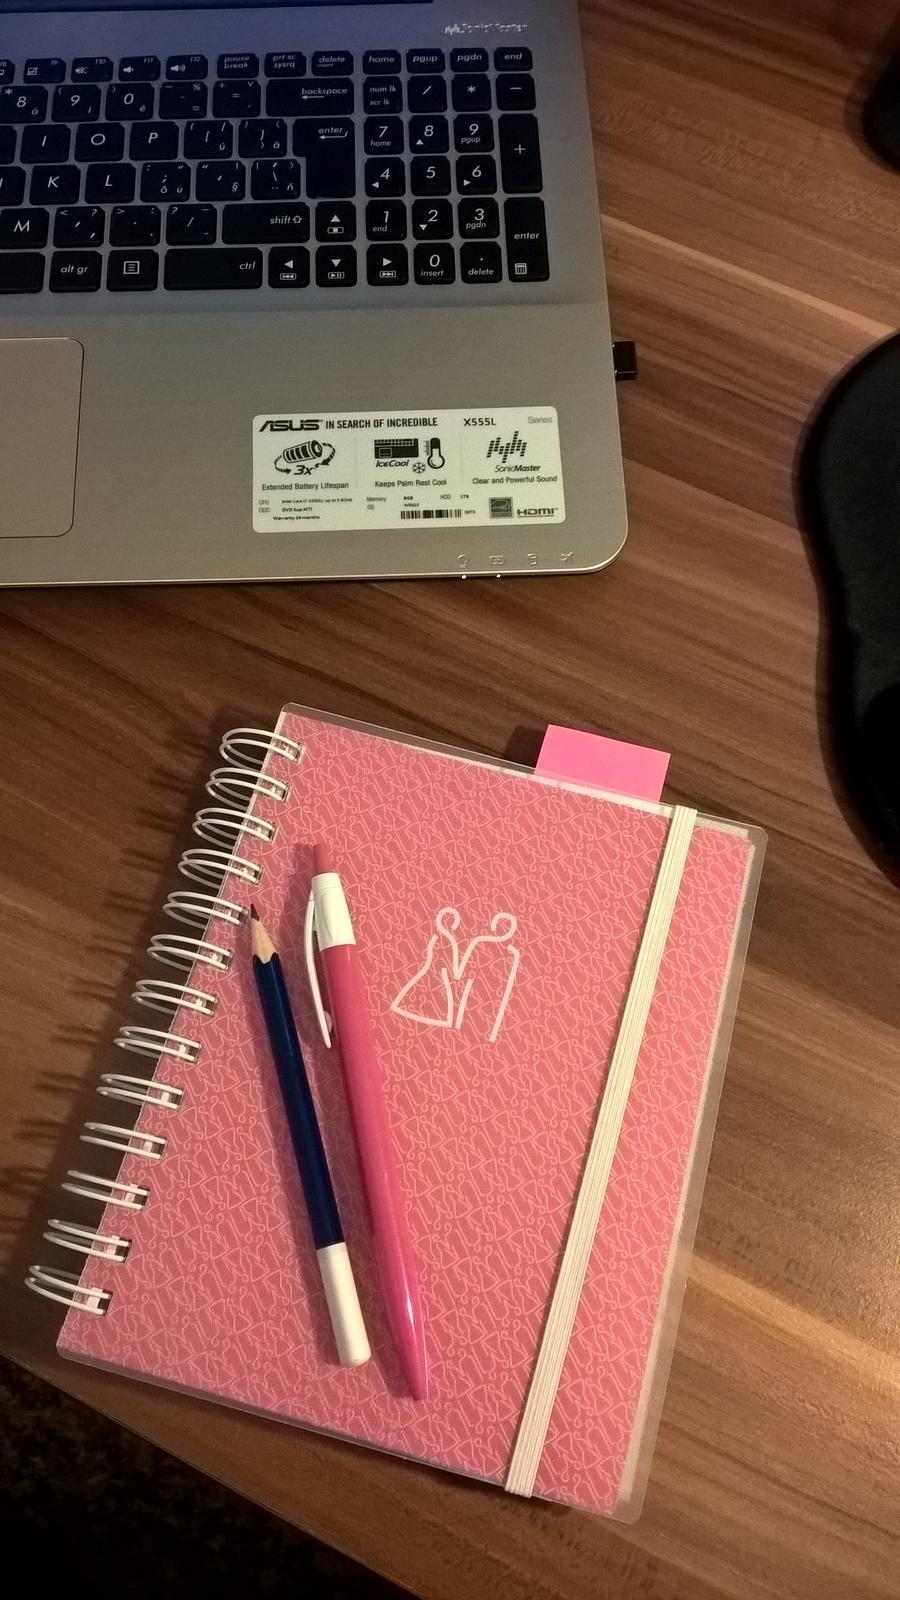 Přípravy na náš velký den D. - Můj pomocník. Problém papírku ale neyvyřešen, stále jsou všude :).